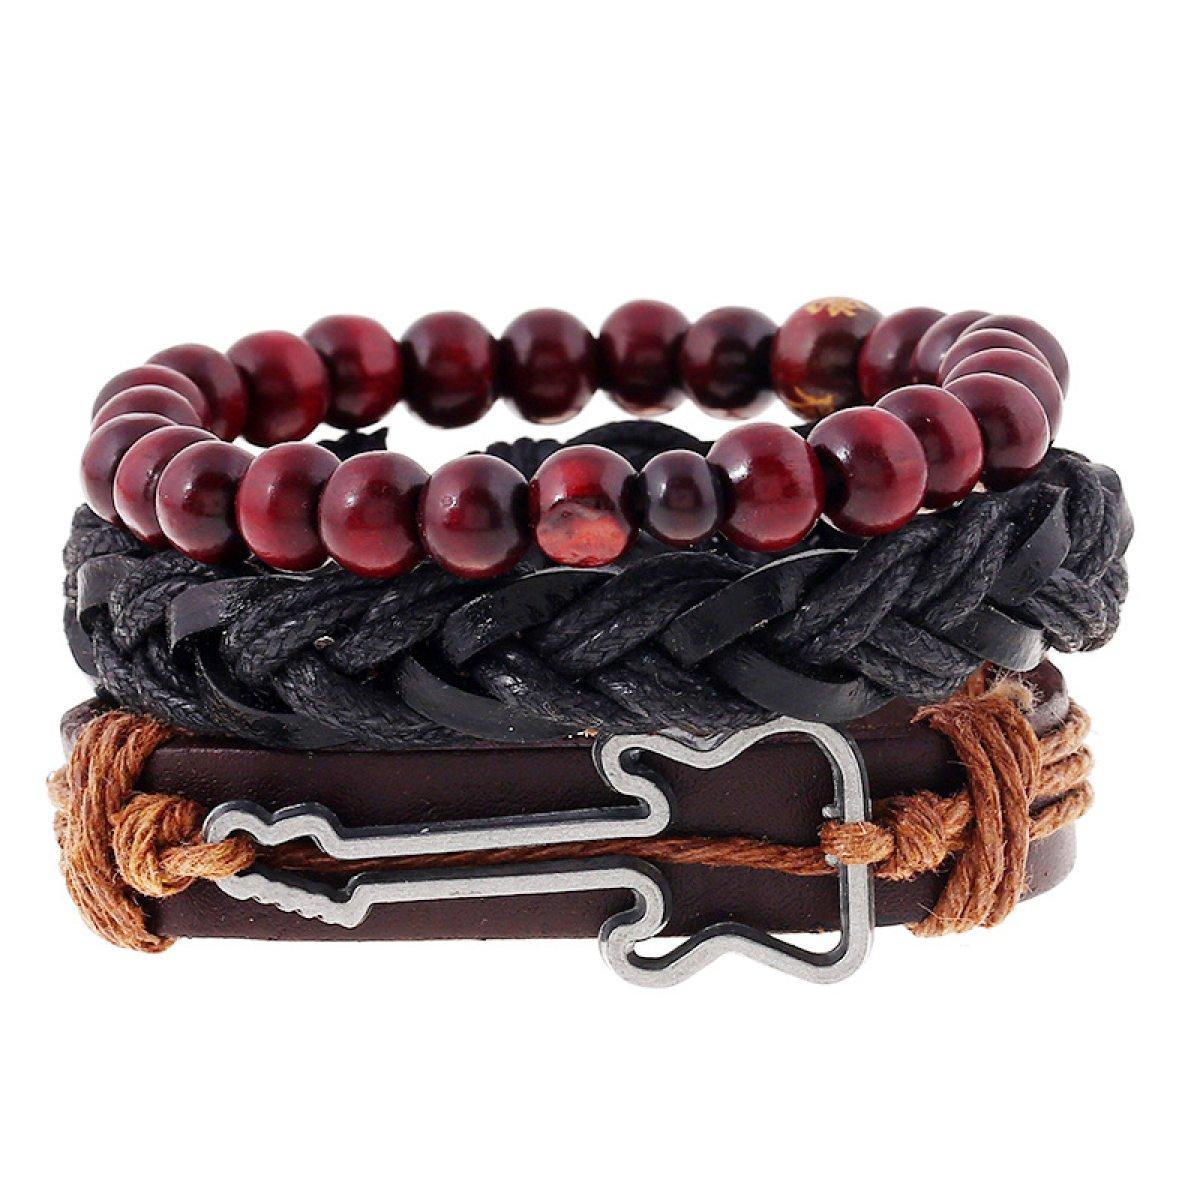 LZHMCircle Bracelet en Cuir Unisexe Bracelet Multi Brins Bracelets Réglables Simple Rétro Tissage Bracelet en Cuir Alliage Guitare Bracelet en Cuir